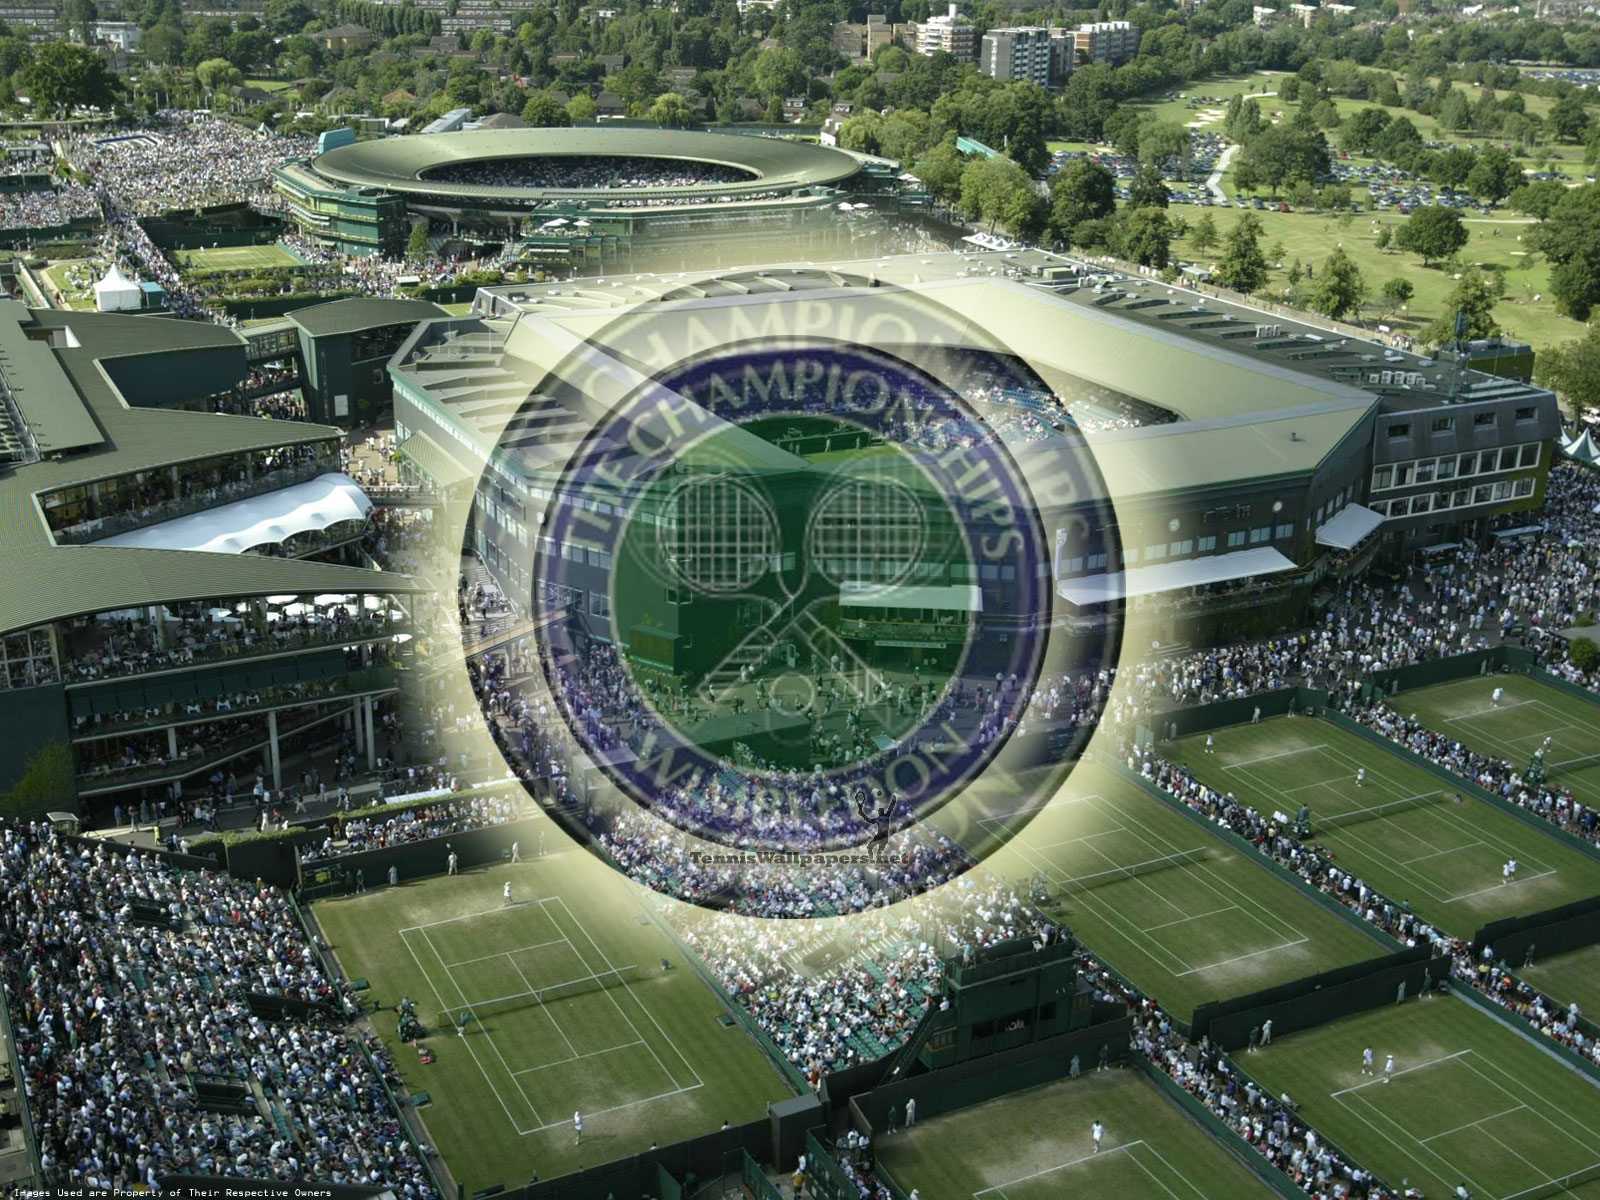 http://3.bp.blogspot.com/_BgjHDaYSozo/TA0jrxAEUdI/AAAAAAAADb4/i3Cb9sdrLcI/s1600/Wimbledon-Wallpaper.jpg